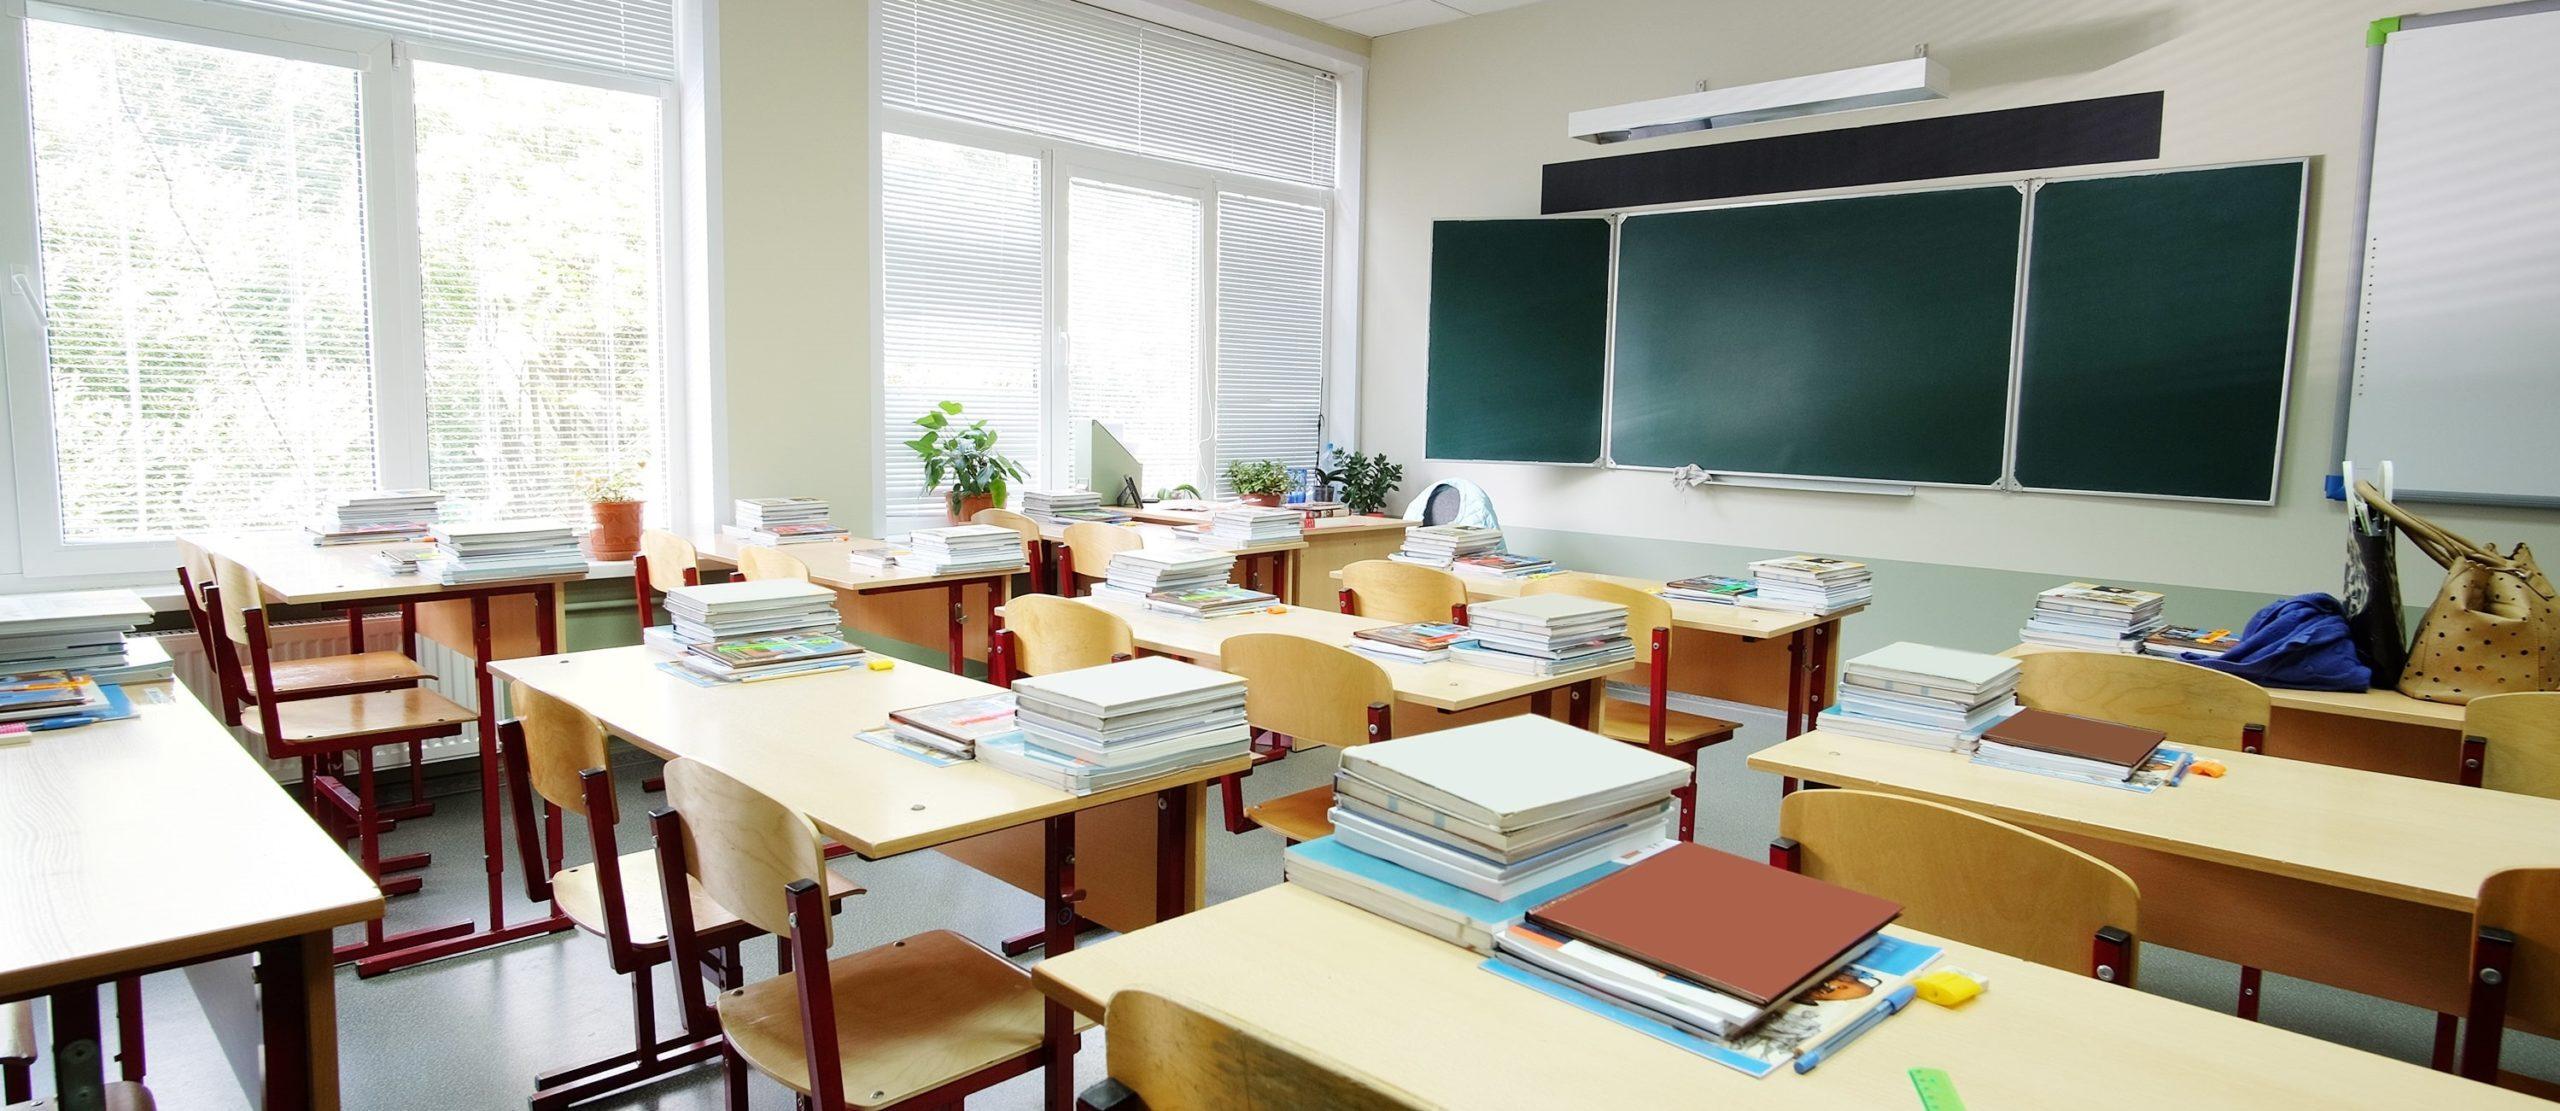 Overheid dringt 'seksuele diversiteit' op: christelijke scholen krijgen nu 'intensieve controles'